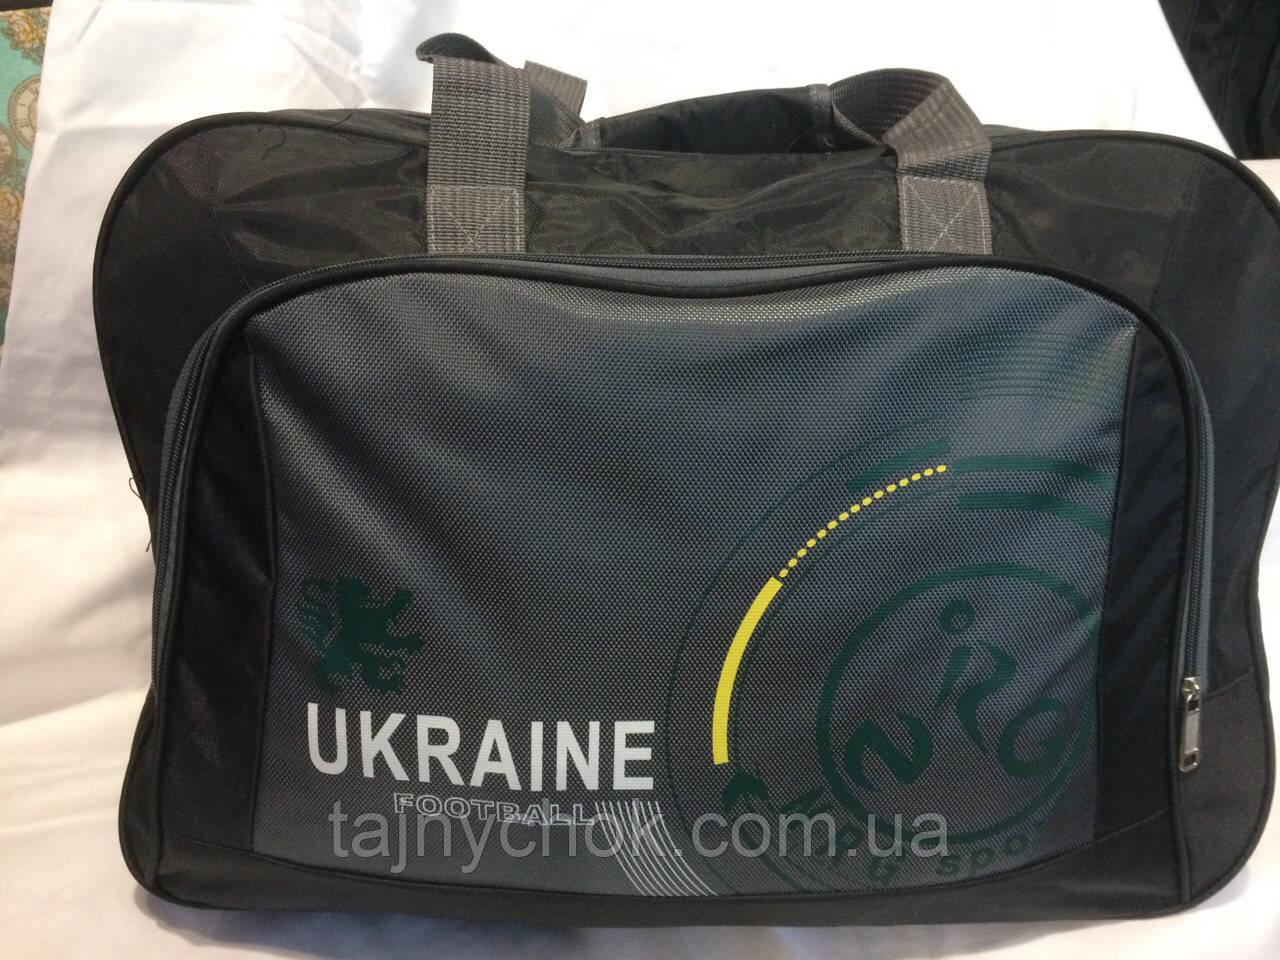 39025feca592 Сумка дорожная спортивная черная, цена 220,40 грн., купить в Одессе ...